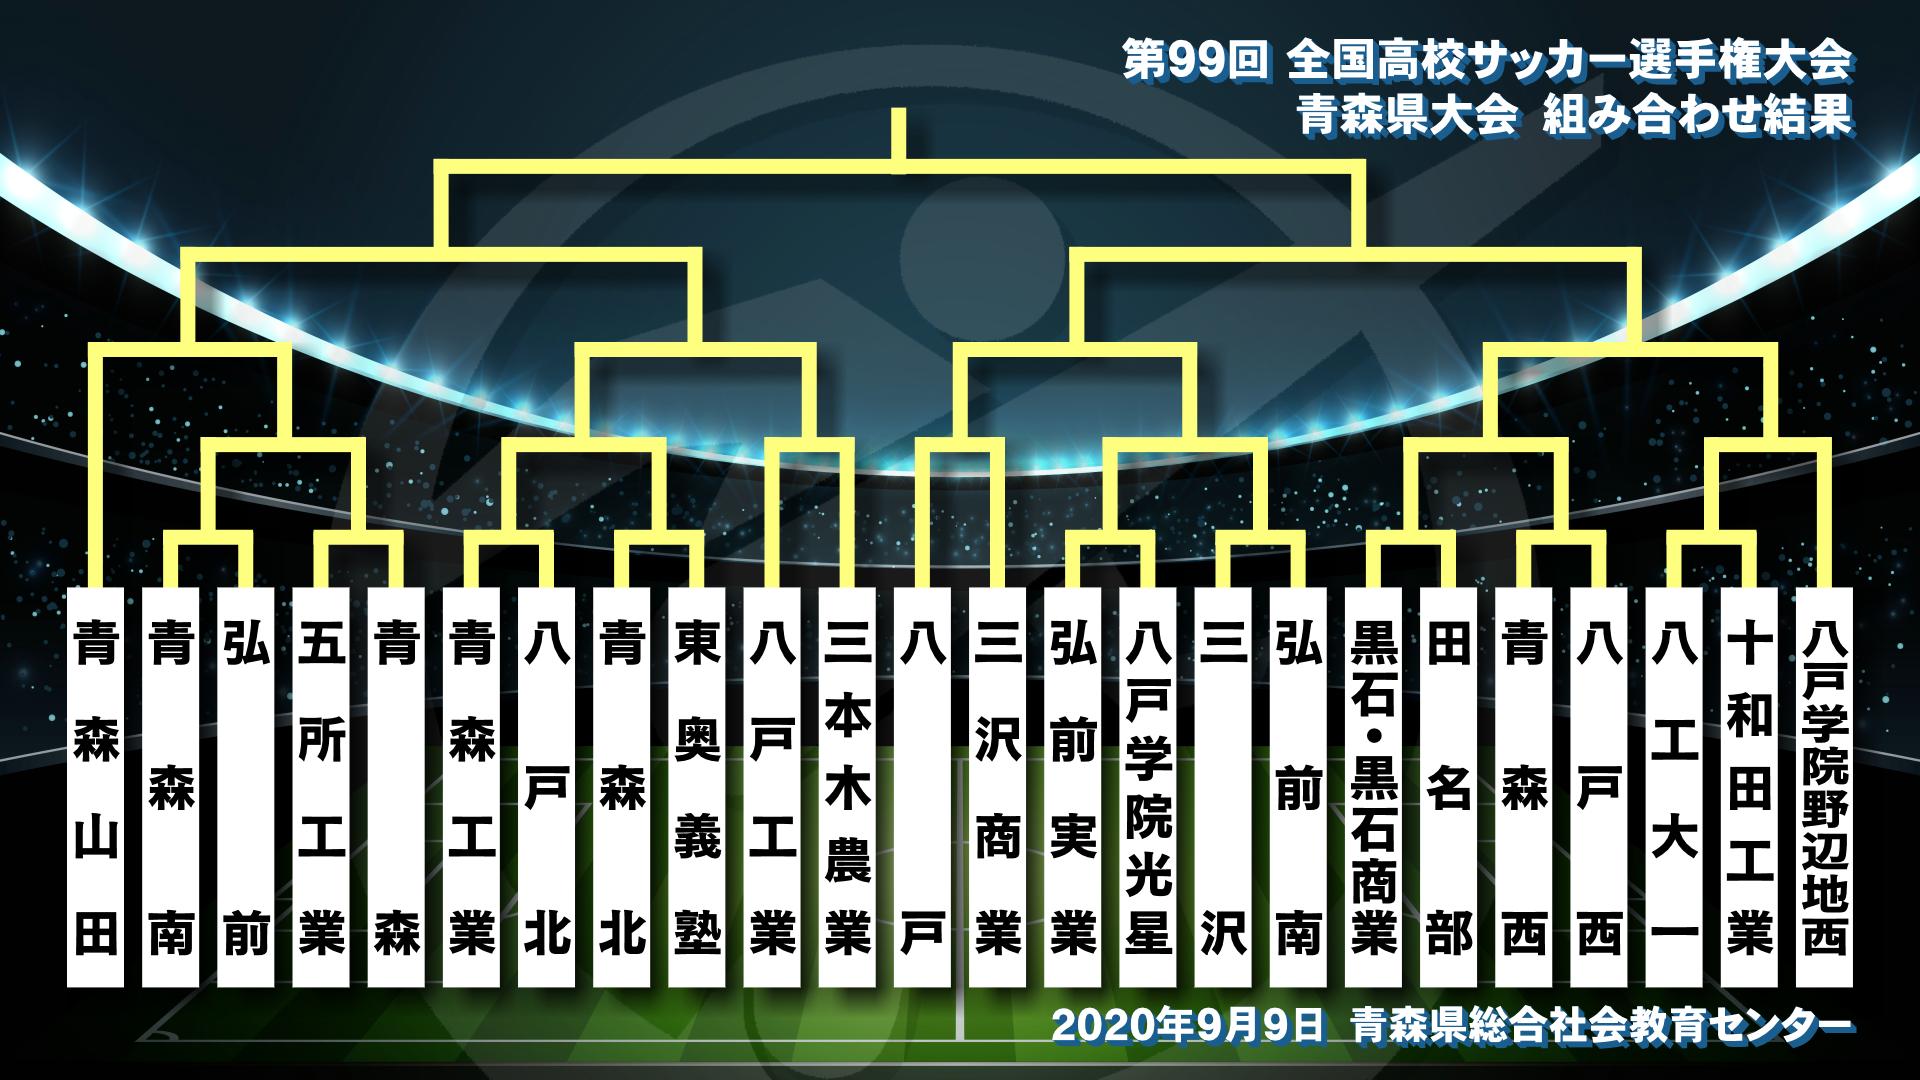 0000青森山田/青森南/弘前/五所工業/青森/青森工業/八戸北/青.png